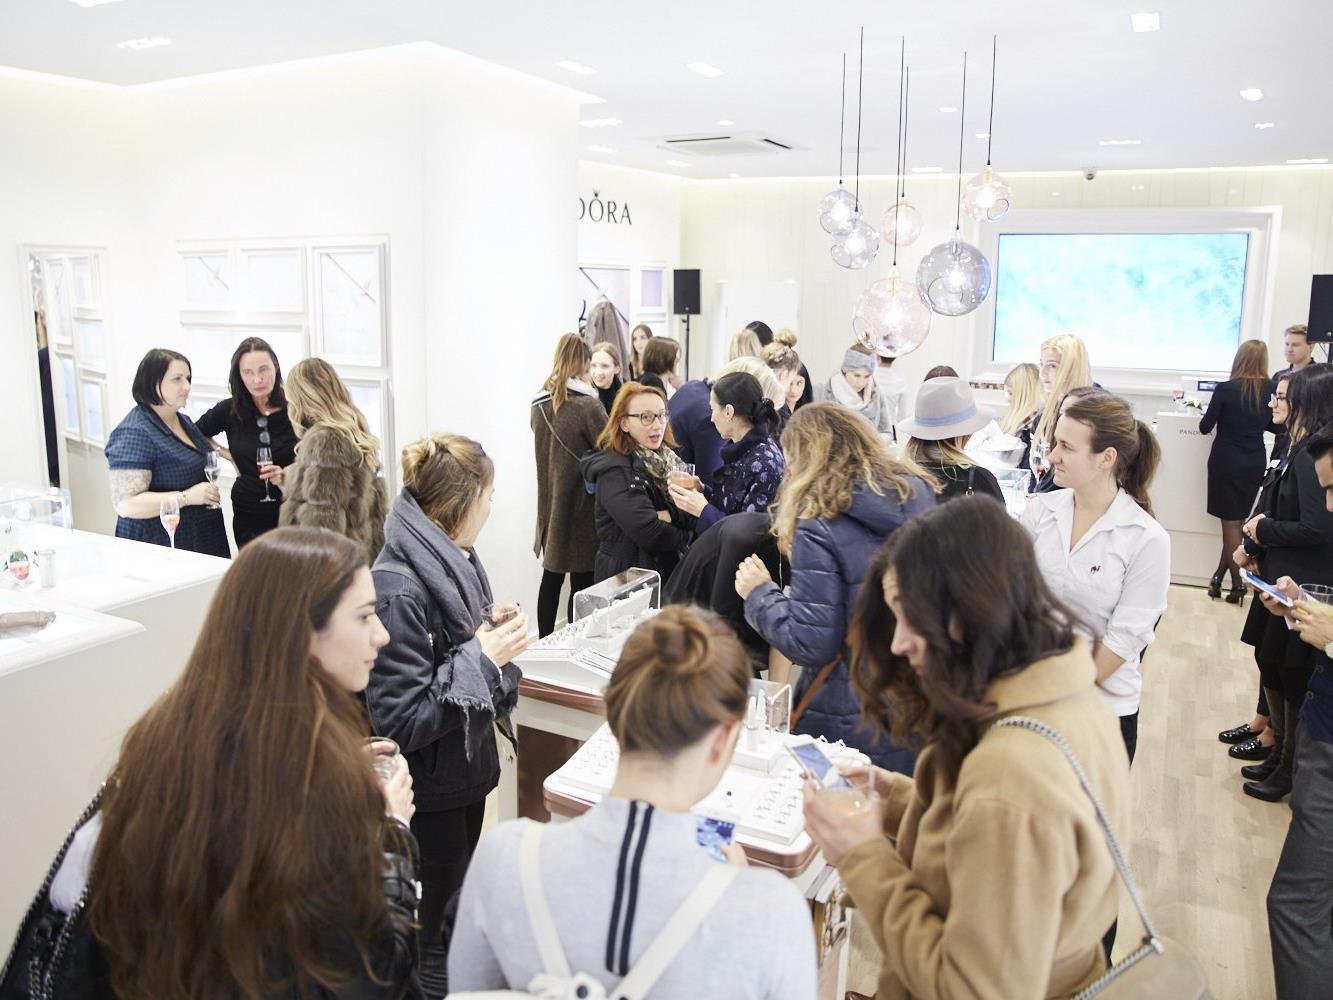 Pandora Eröffnete Neuen Concept Store Auf Wiener Mariahilfer Straße